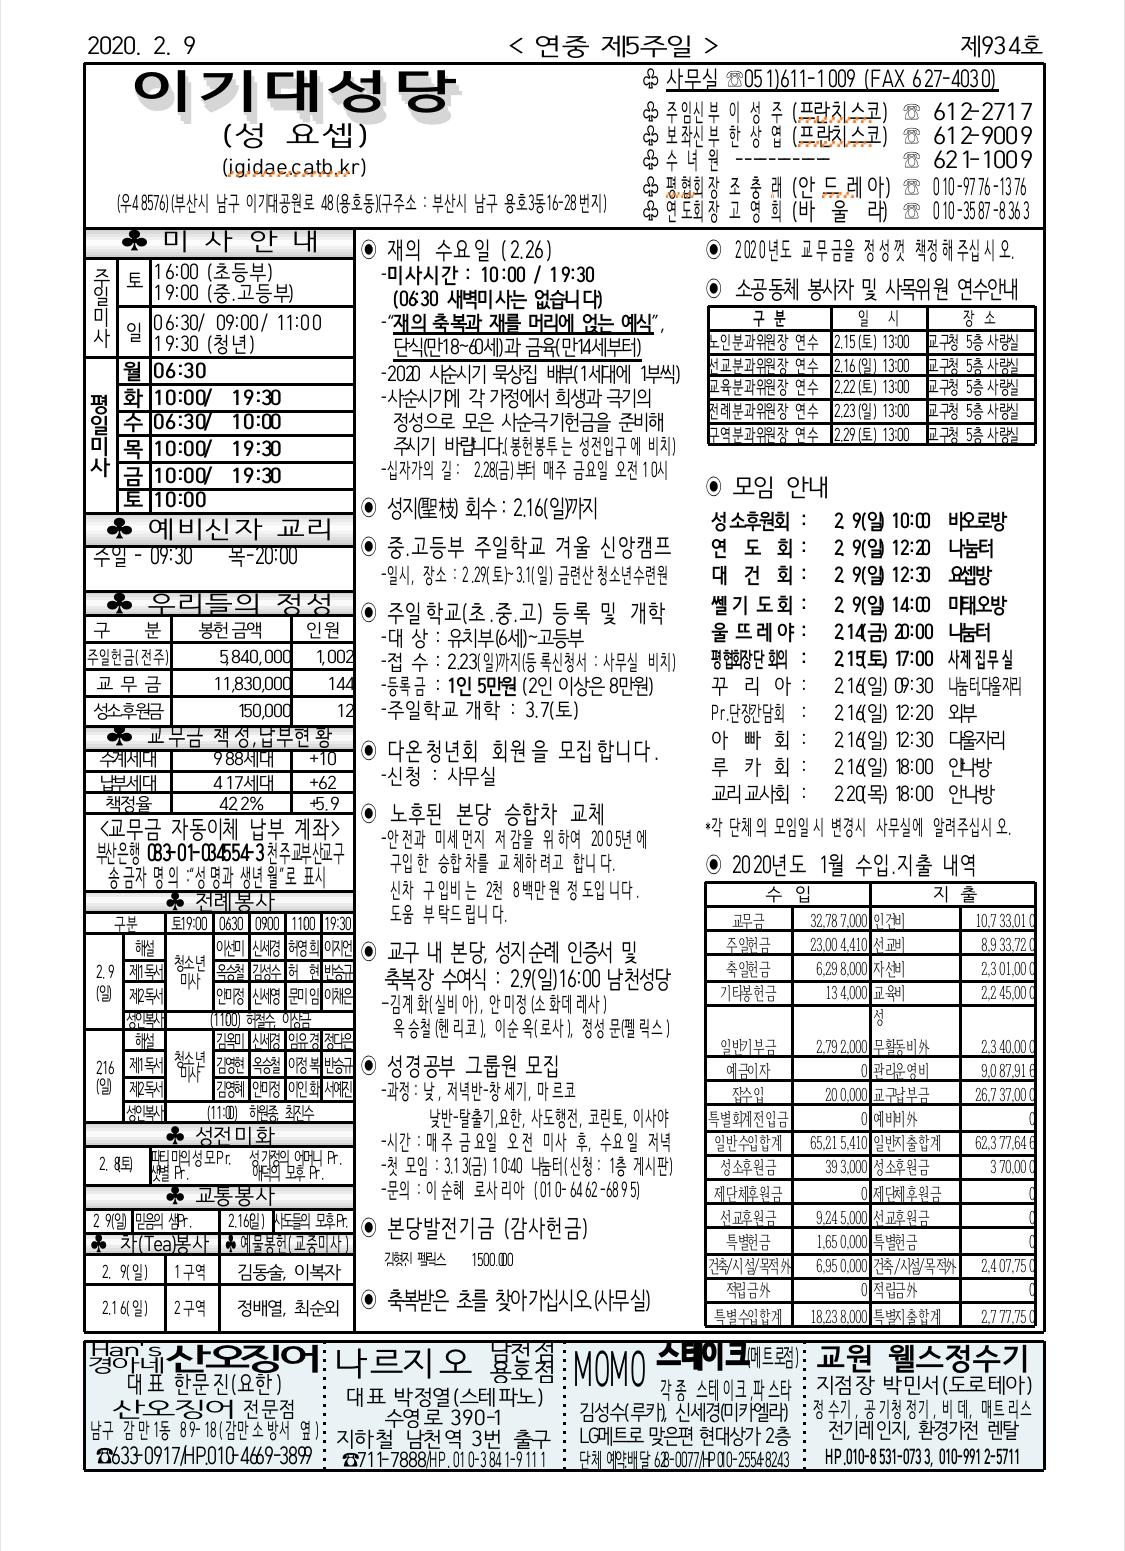 CA2B7437-1CB9-4E8E-A325-1024A433EAC4.jpeg